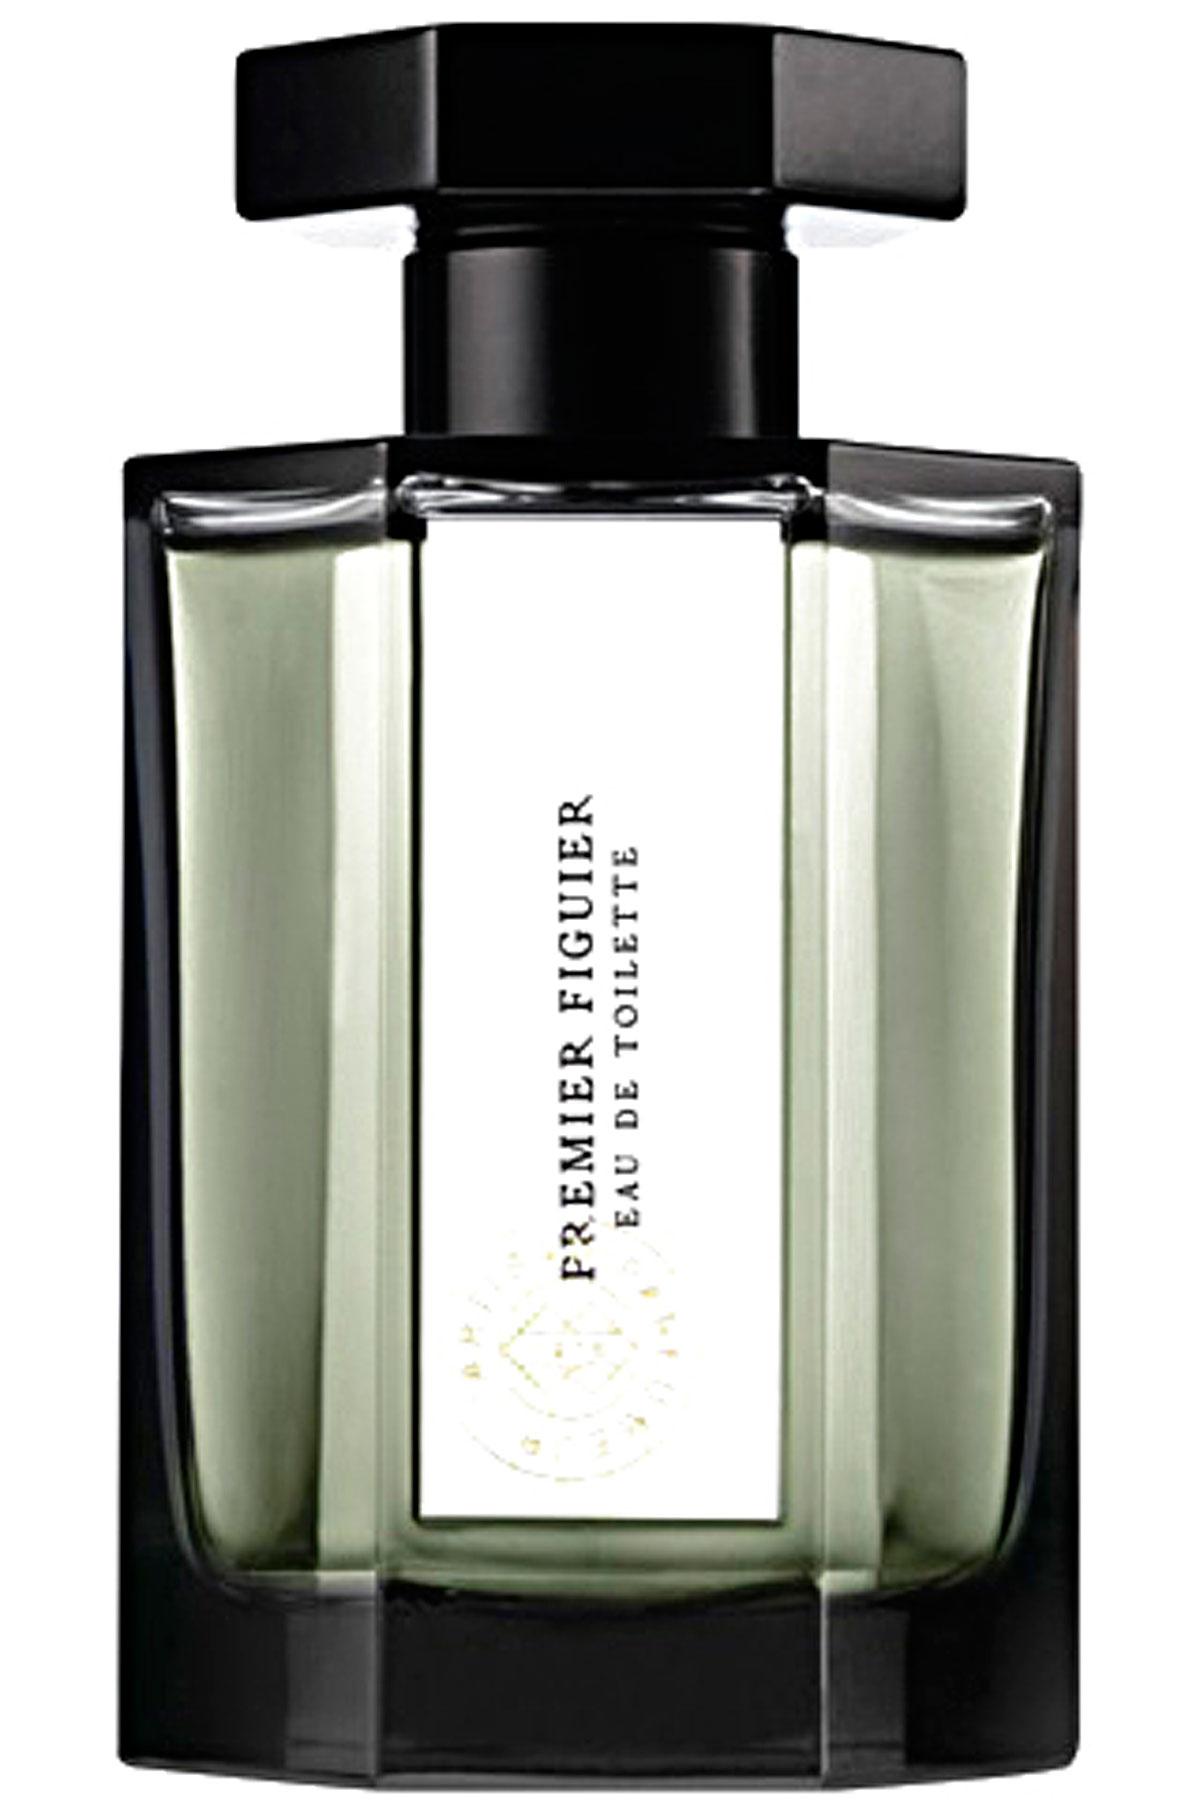 Artisan Parfumeur Fragrances for Women, Premier Figuier - Eau De Toilette - 100 Ml, 2019, 100 ml